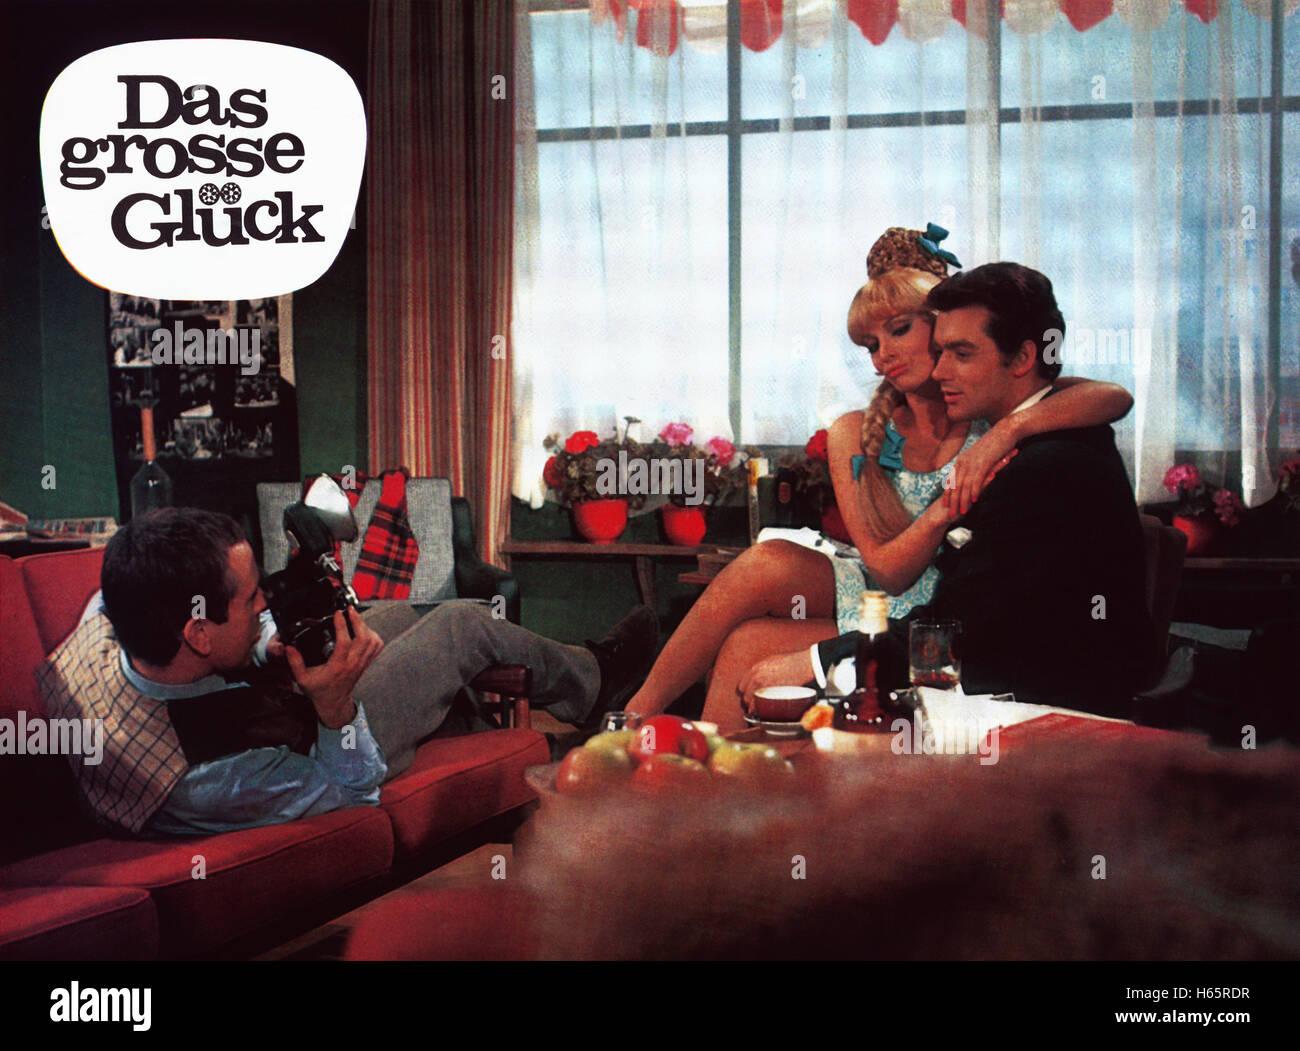 Das grosse Glück, Österreich 1967, Regie: Franz Antel, Darsteller: Gerd Vespermann (links), Scilla Gabel, - Stock Image